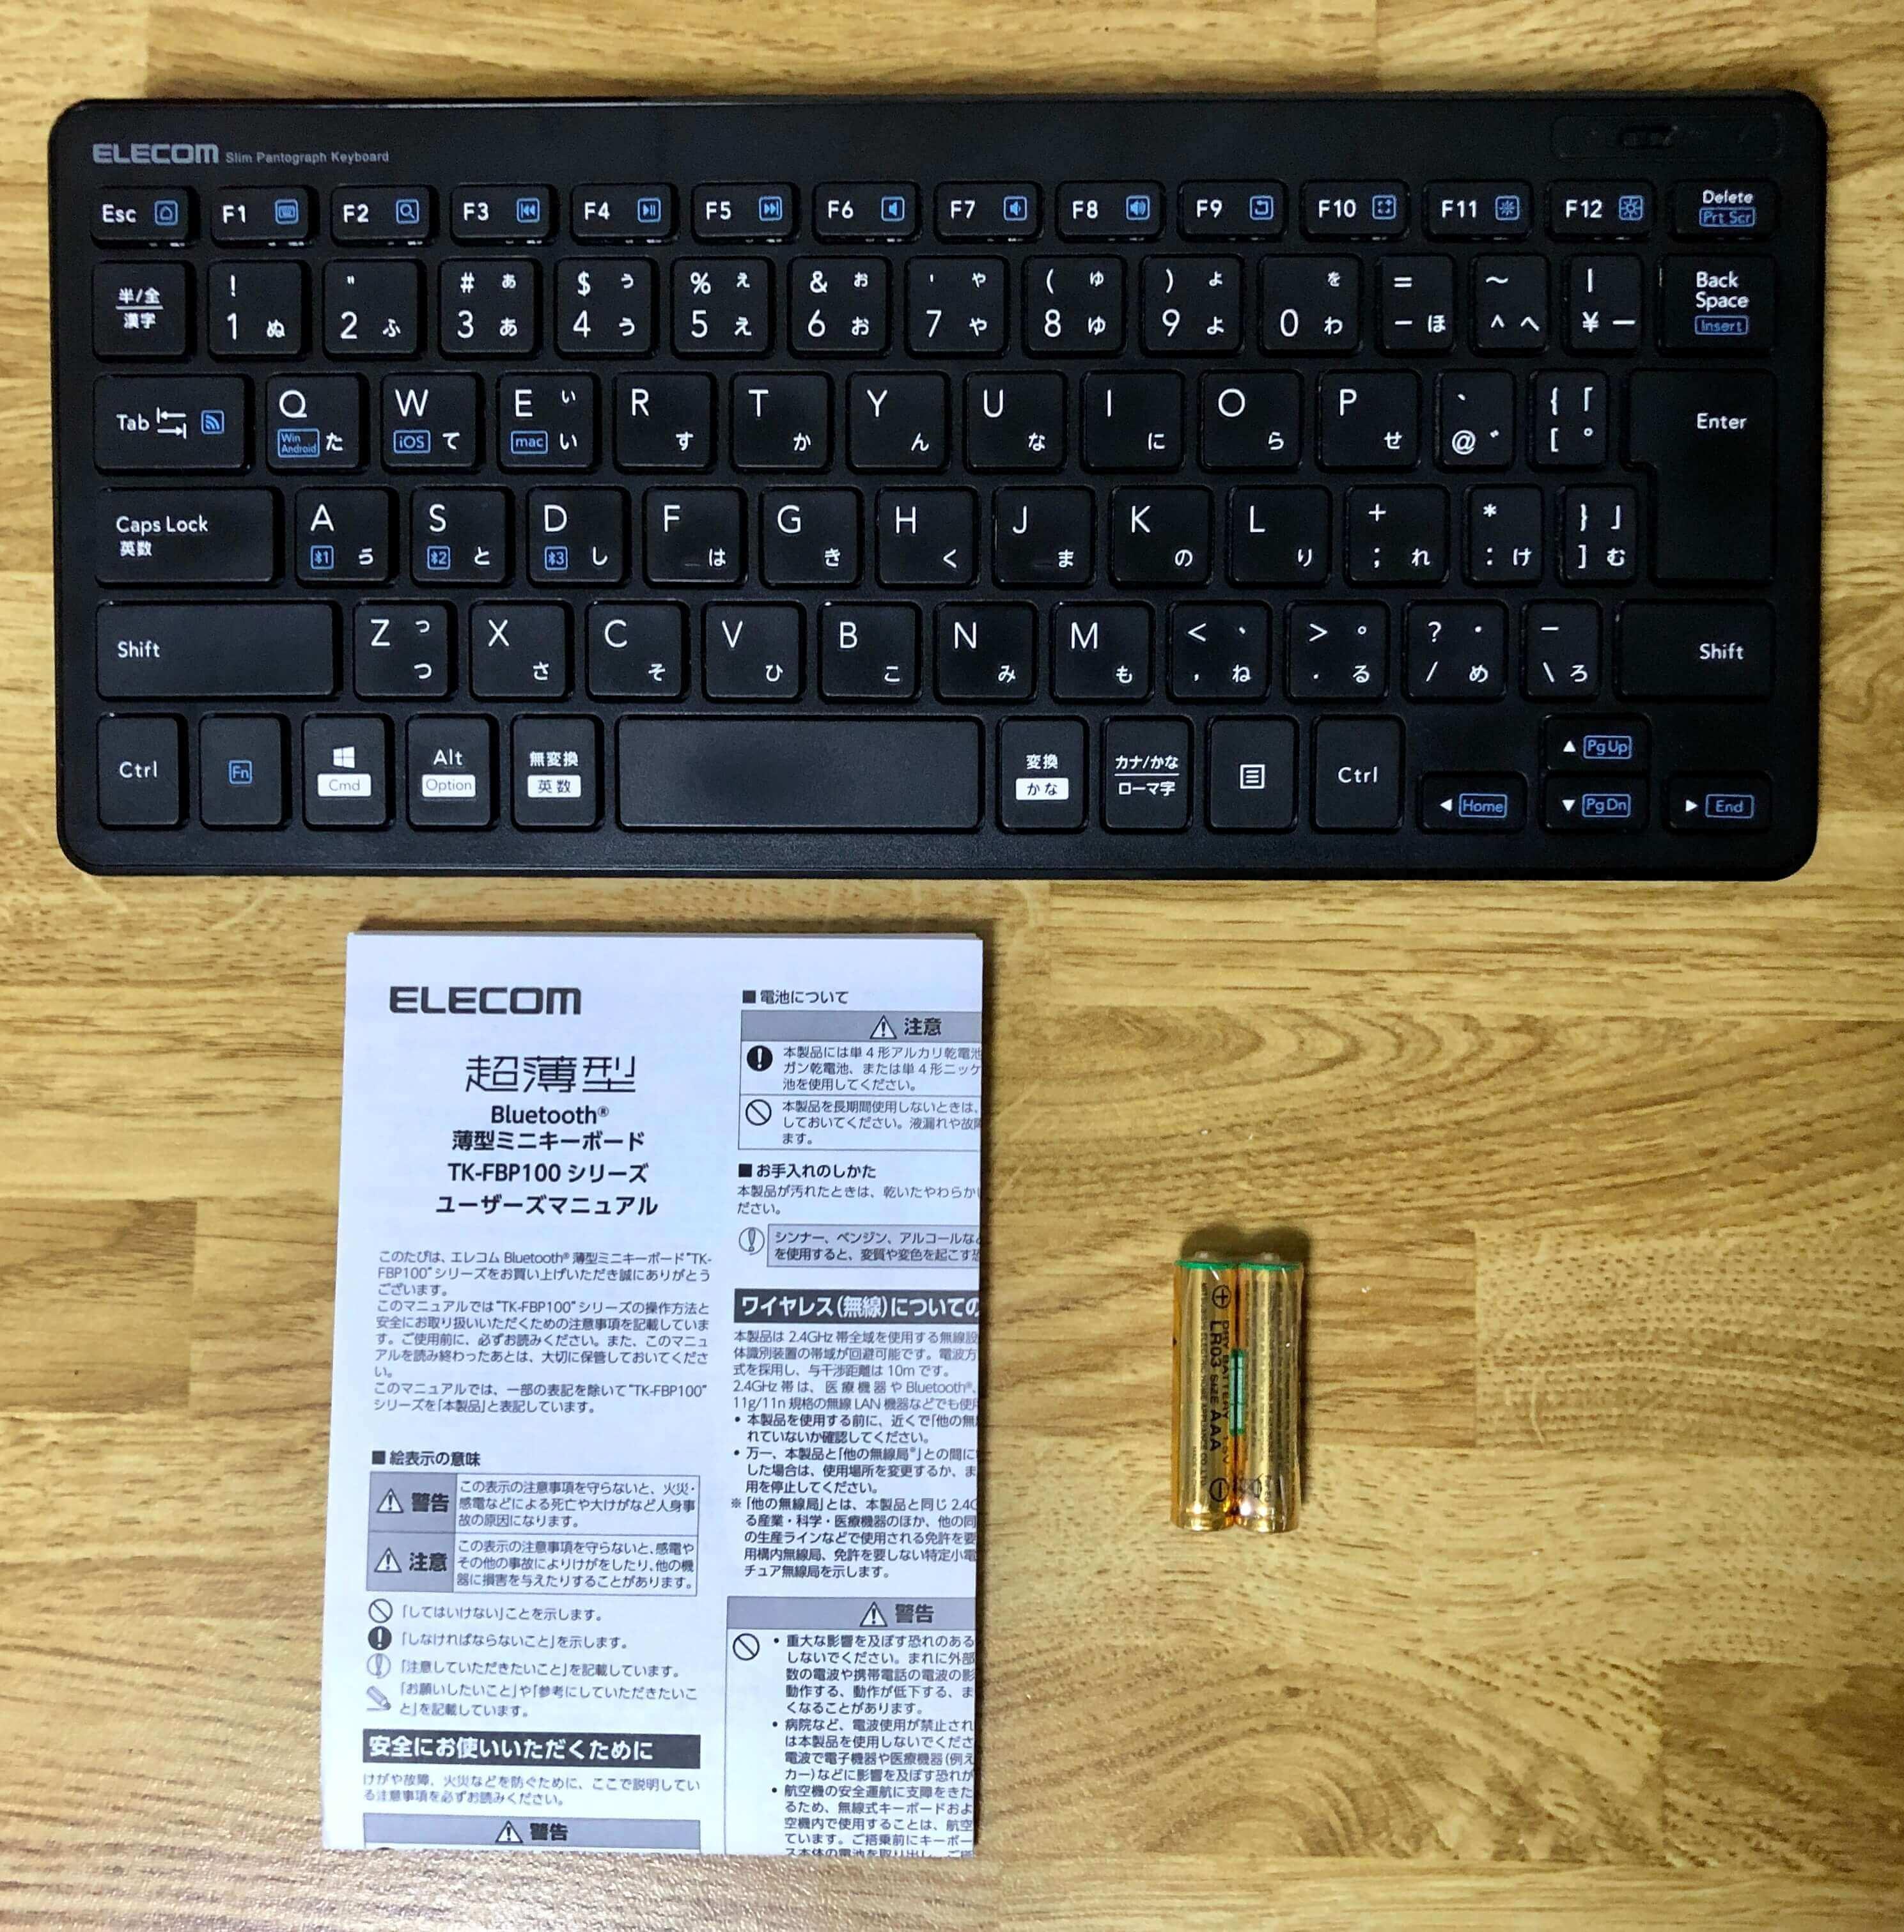 エレコムBluetoothキーボードTK-FBP100の同梱品